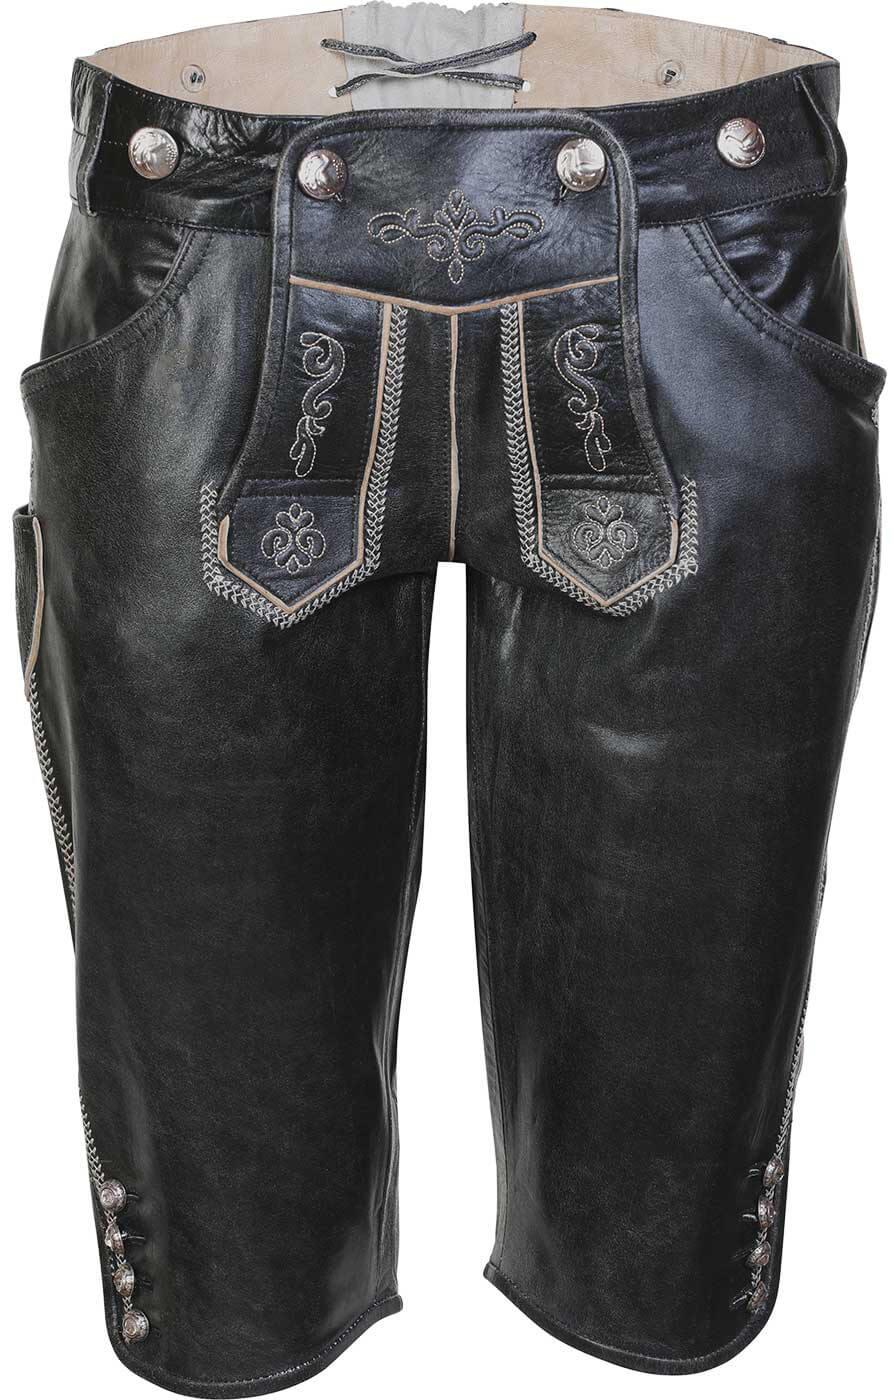 weitere Bilder von Tradizionale Pantaloni di pelle lunghezza al ginocchi CASSIE nero